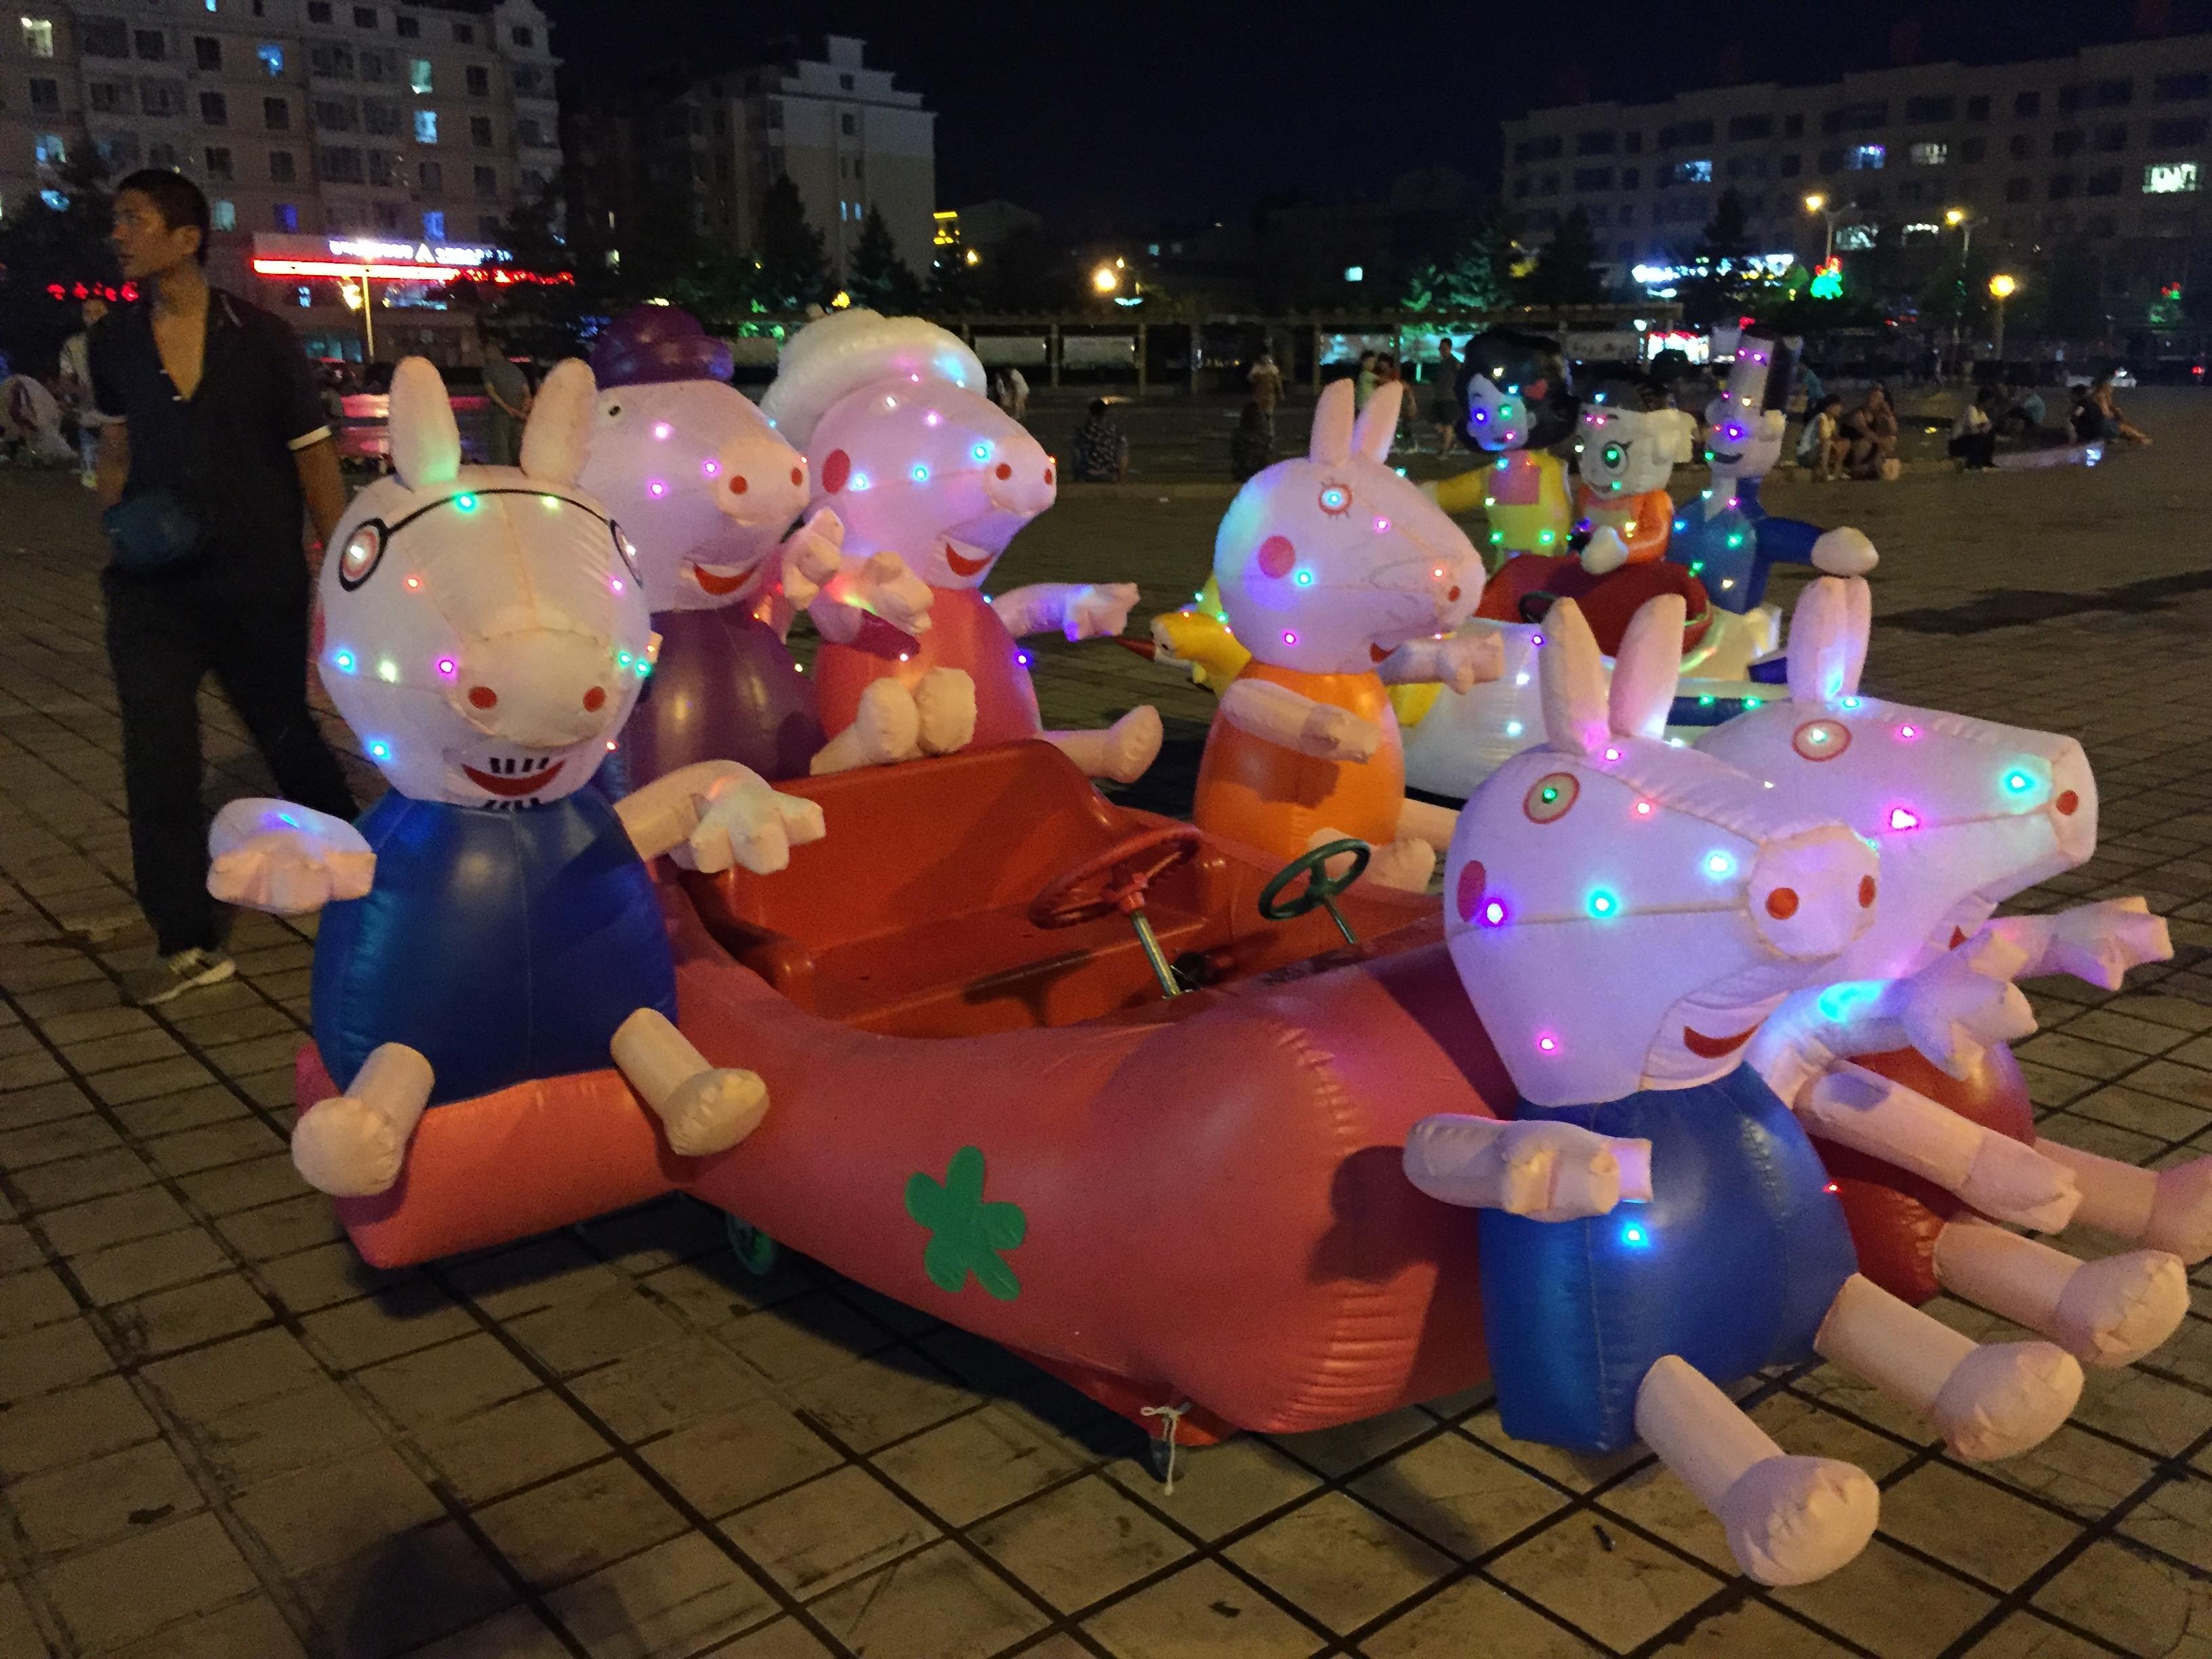 На такой забавной машинке можно покатать детей (Хуньчунь, Китай)